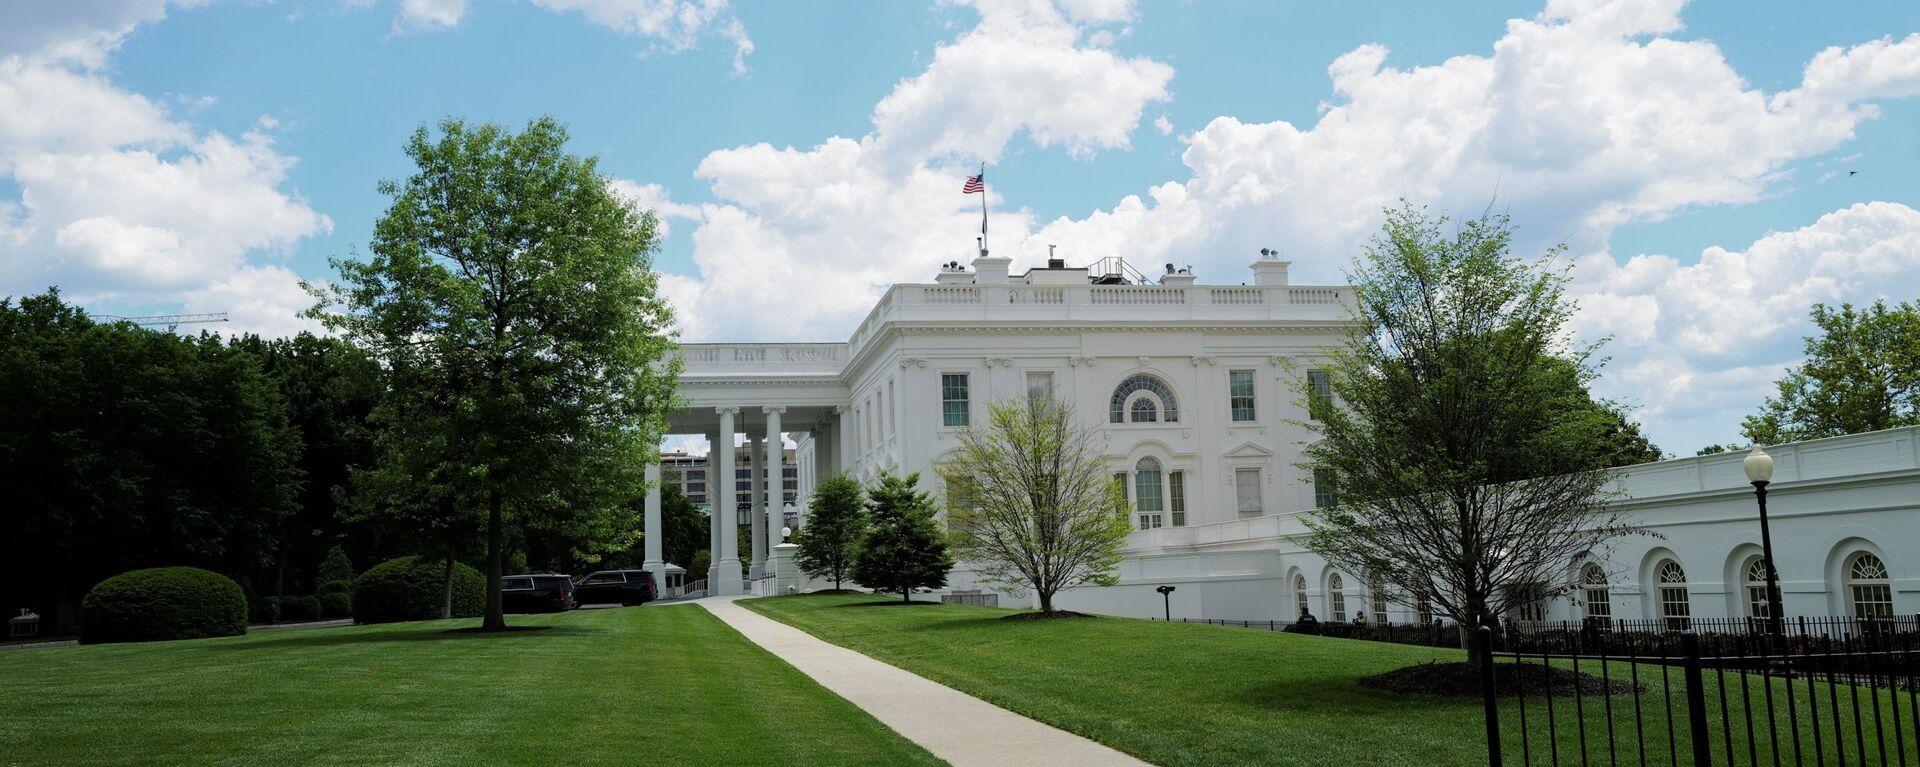 Bela kuća u Vašingtonu - Sputnik Srbija, 1920, 08.07.2021